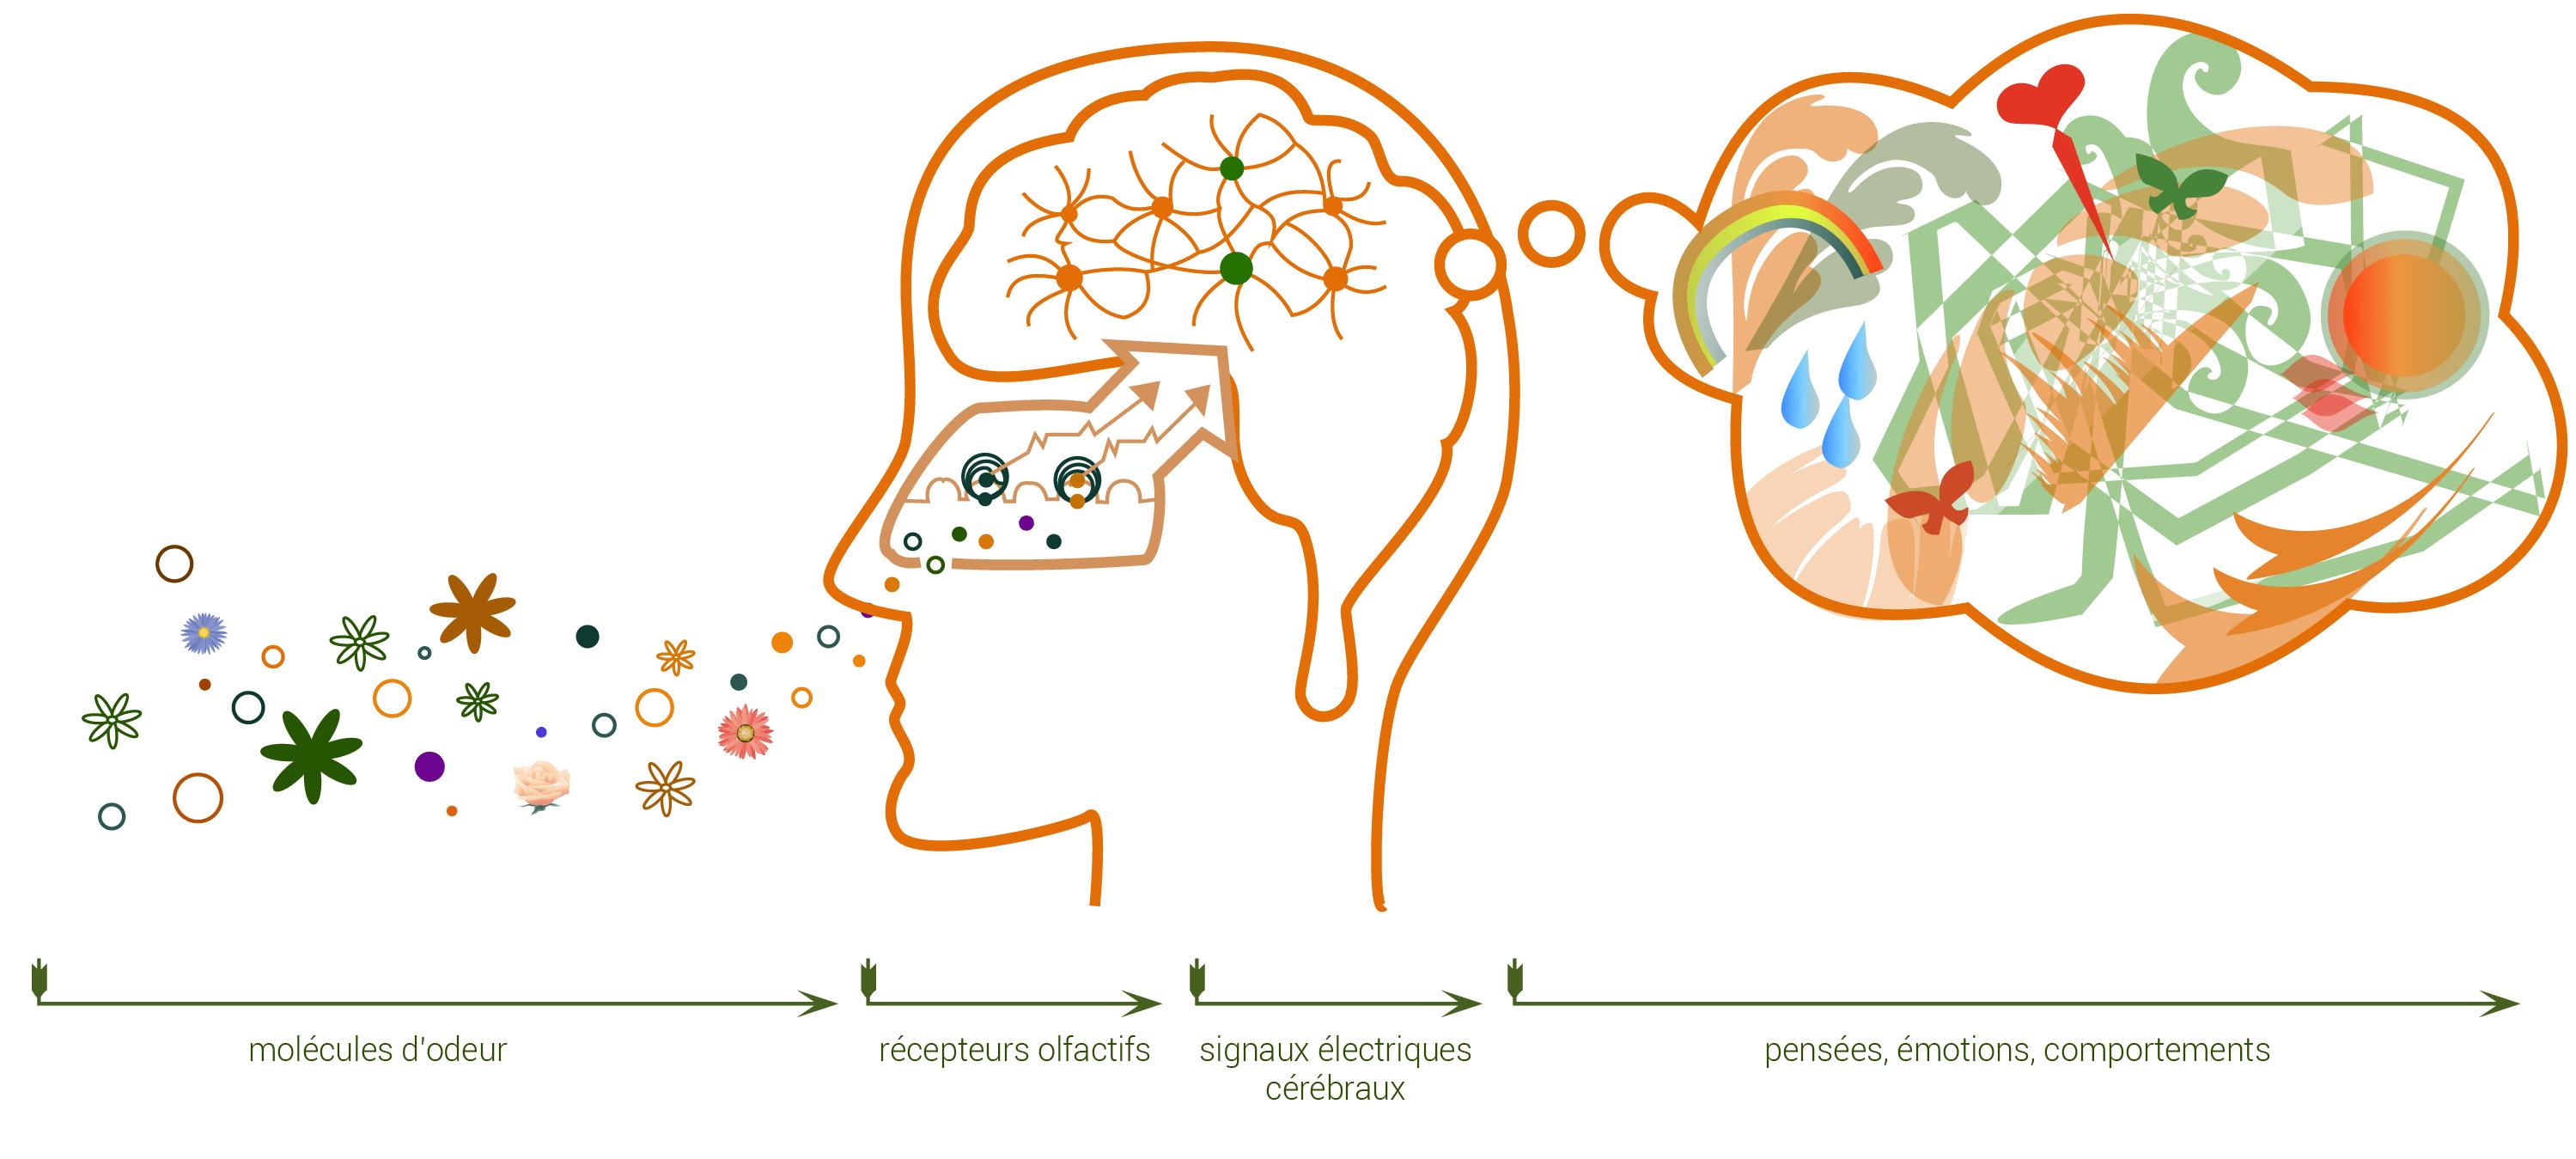 Cheminement des molécules – odeurs